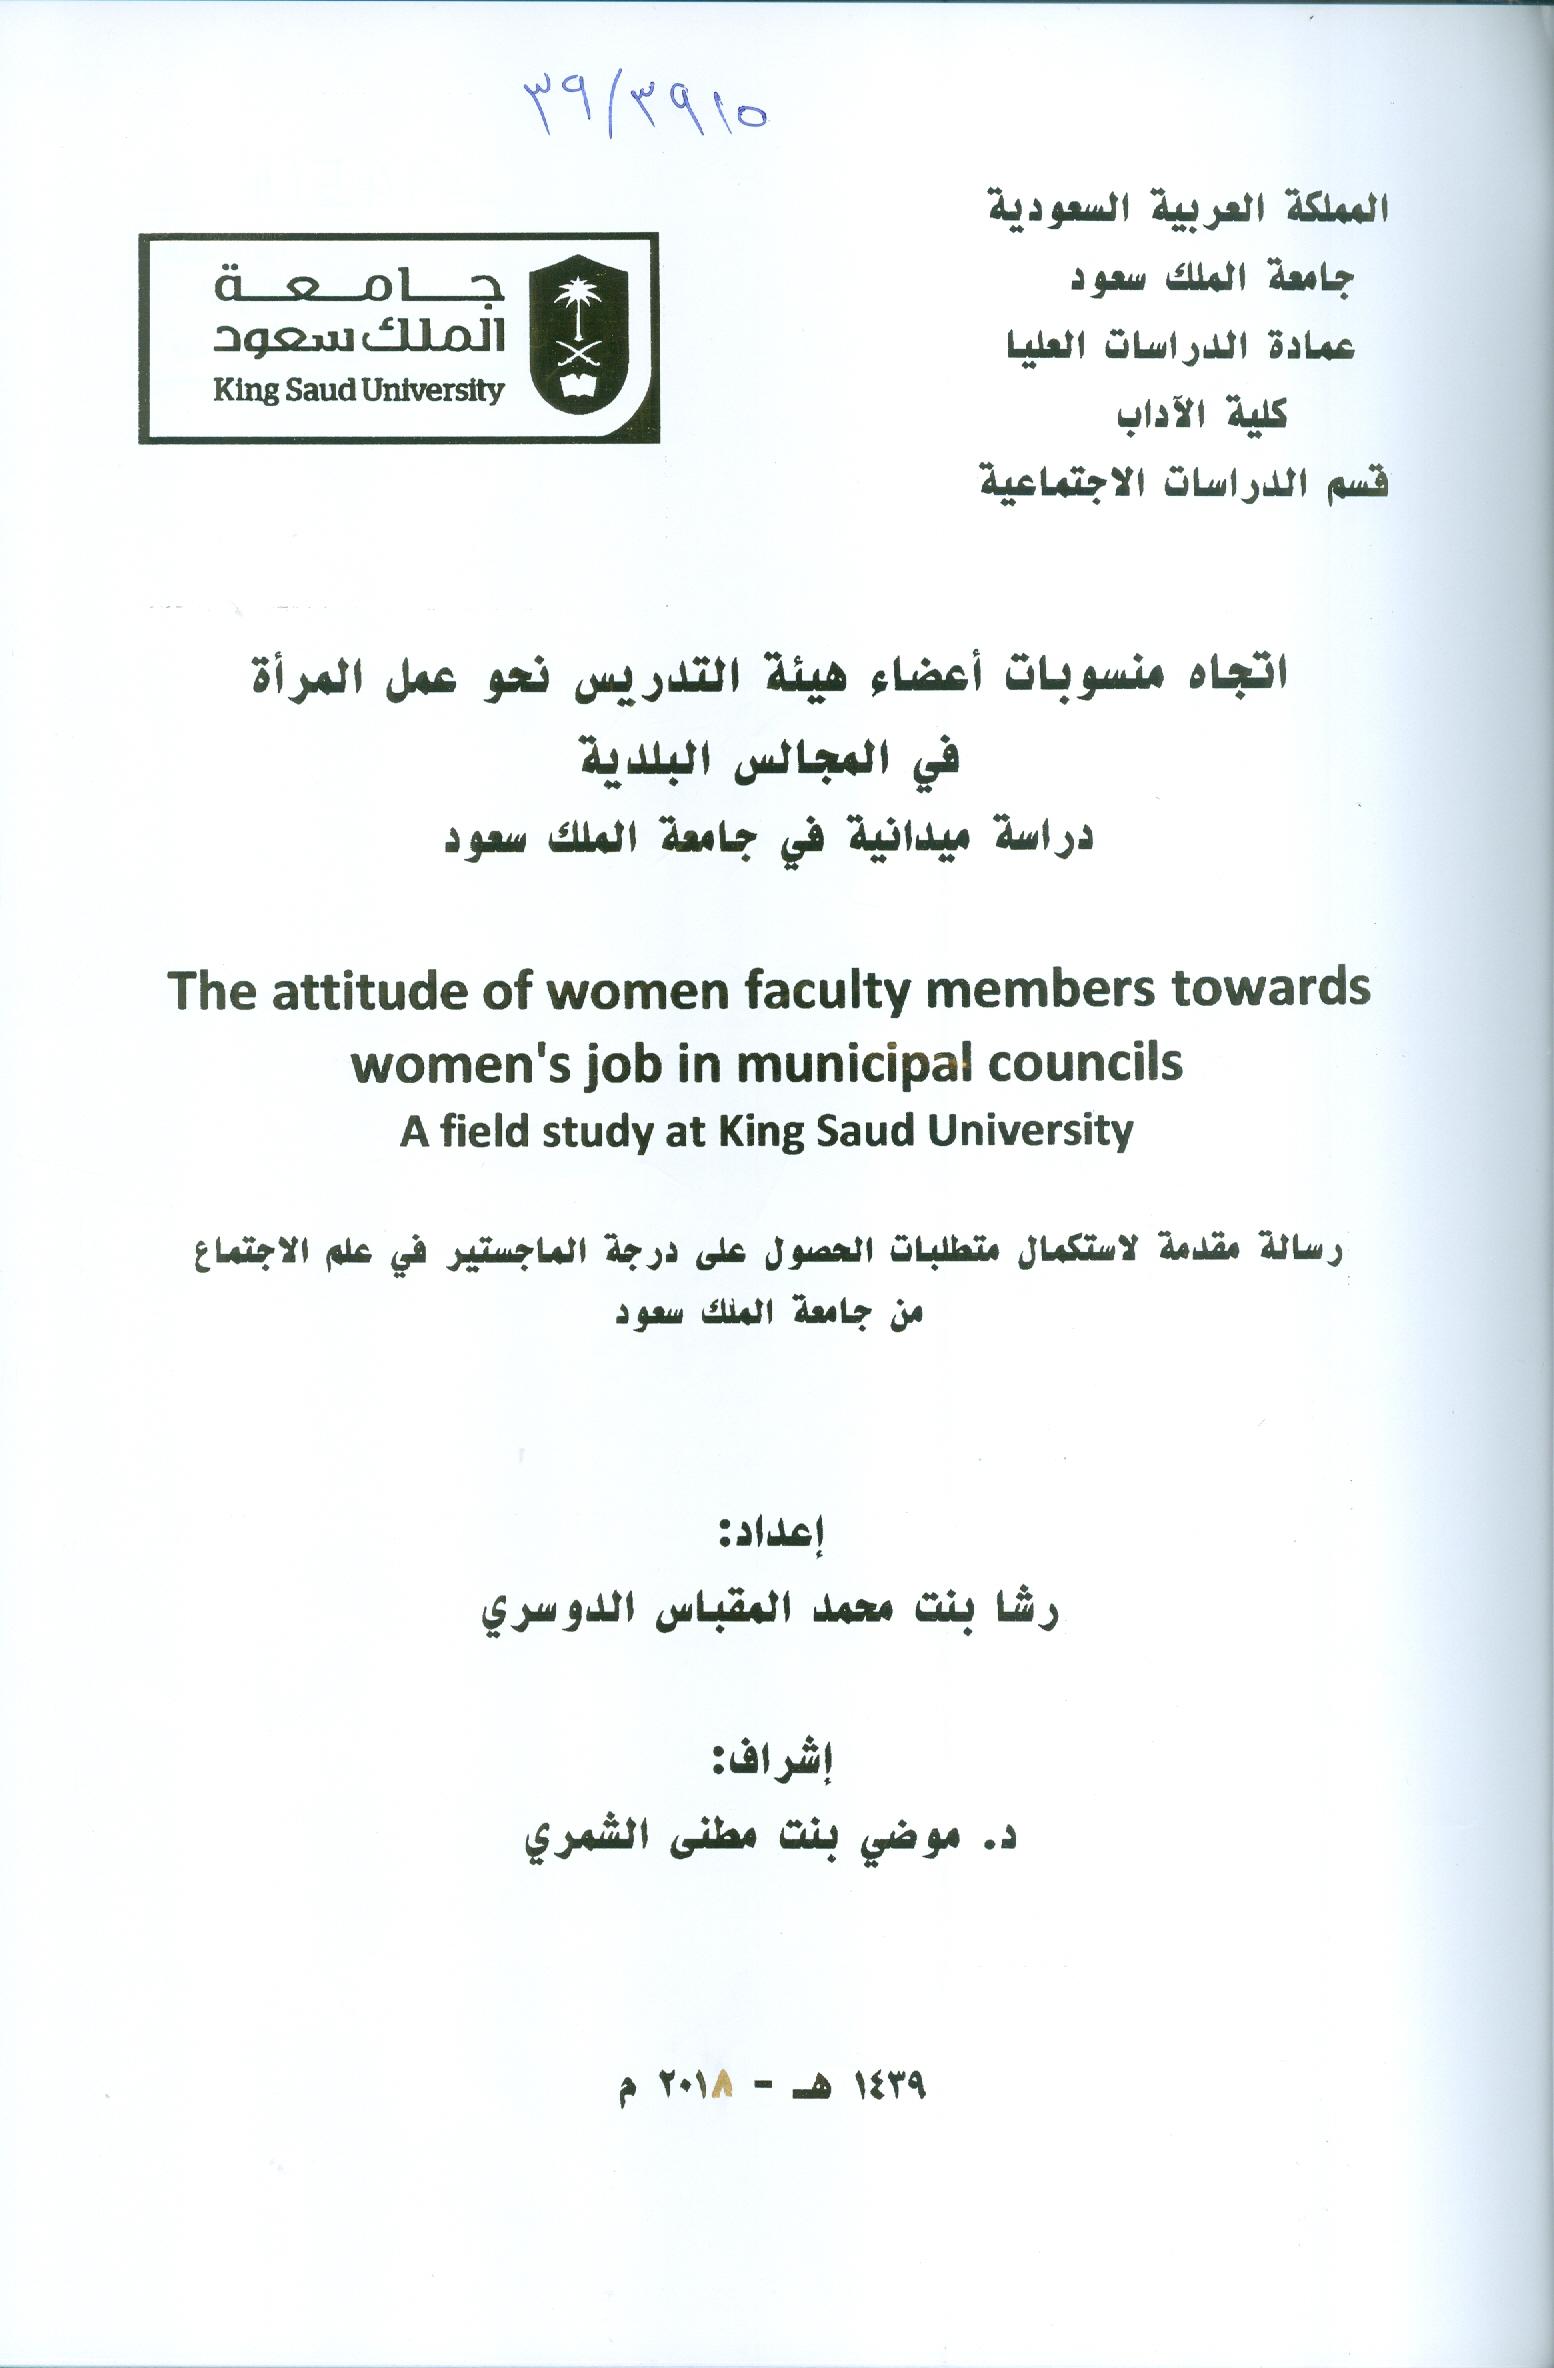 نموذج غلاف بحث جامعة الملك سعود